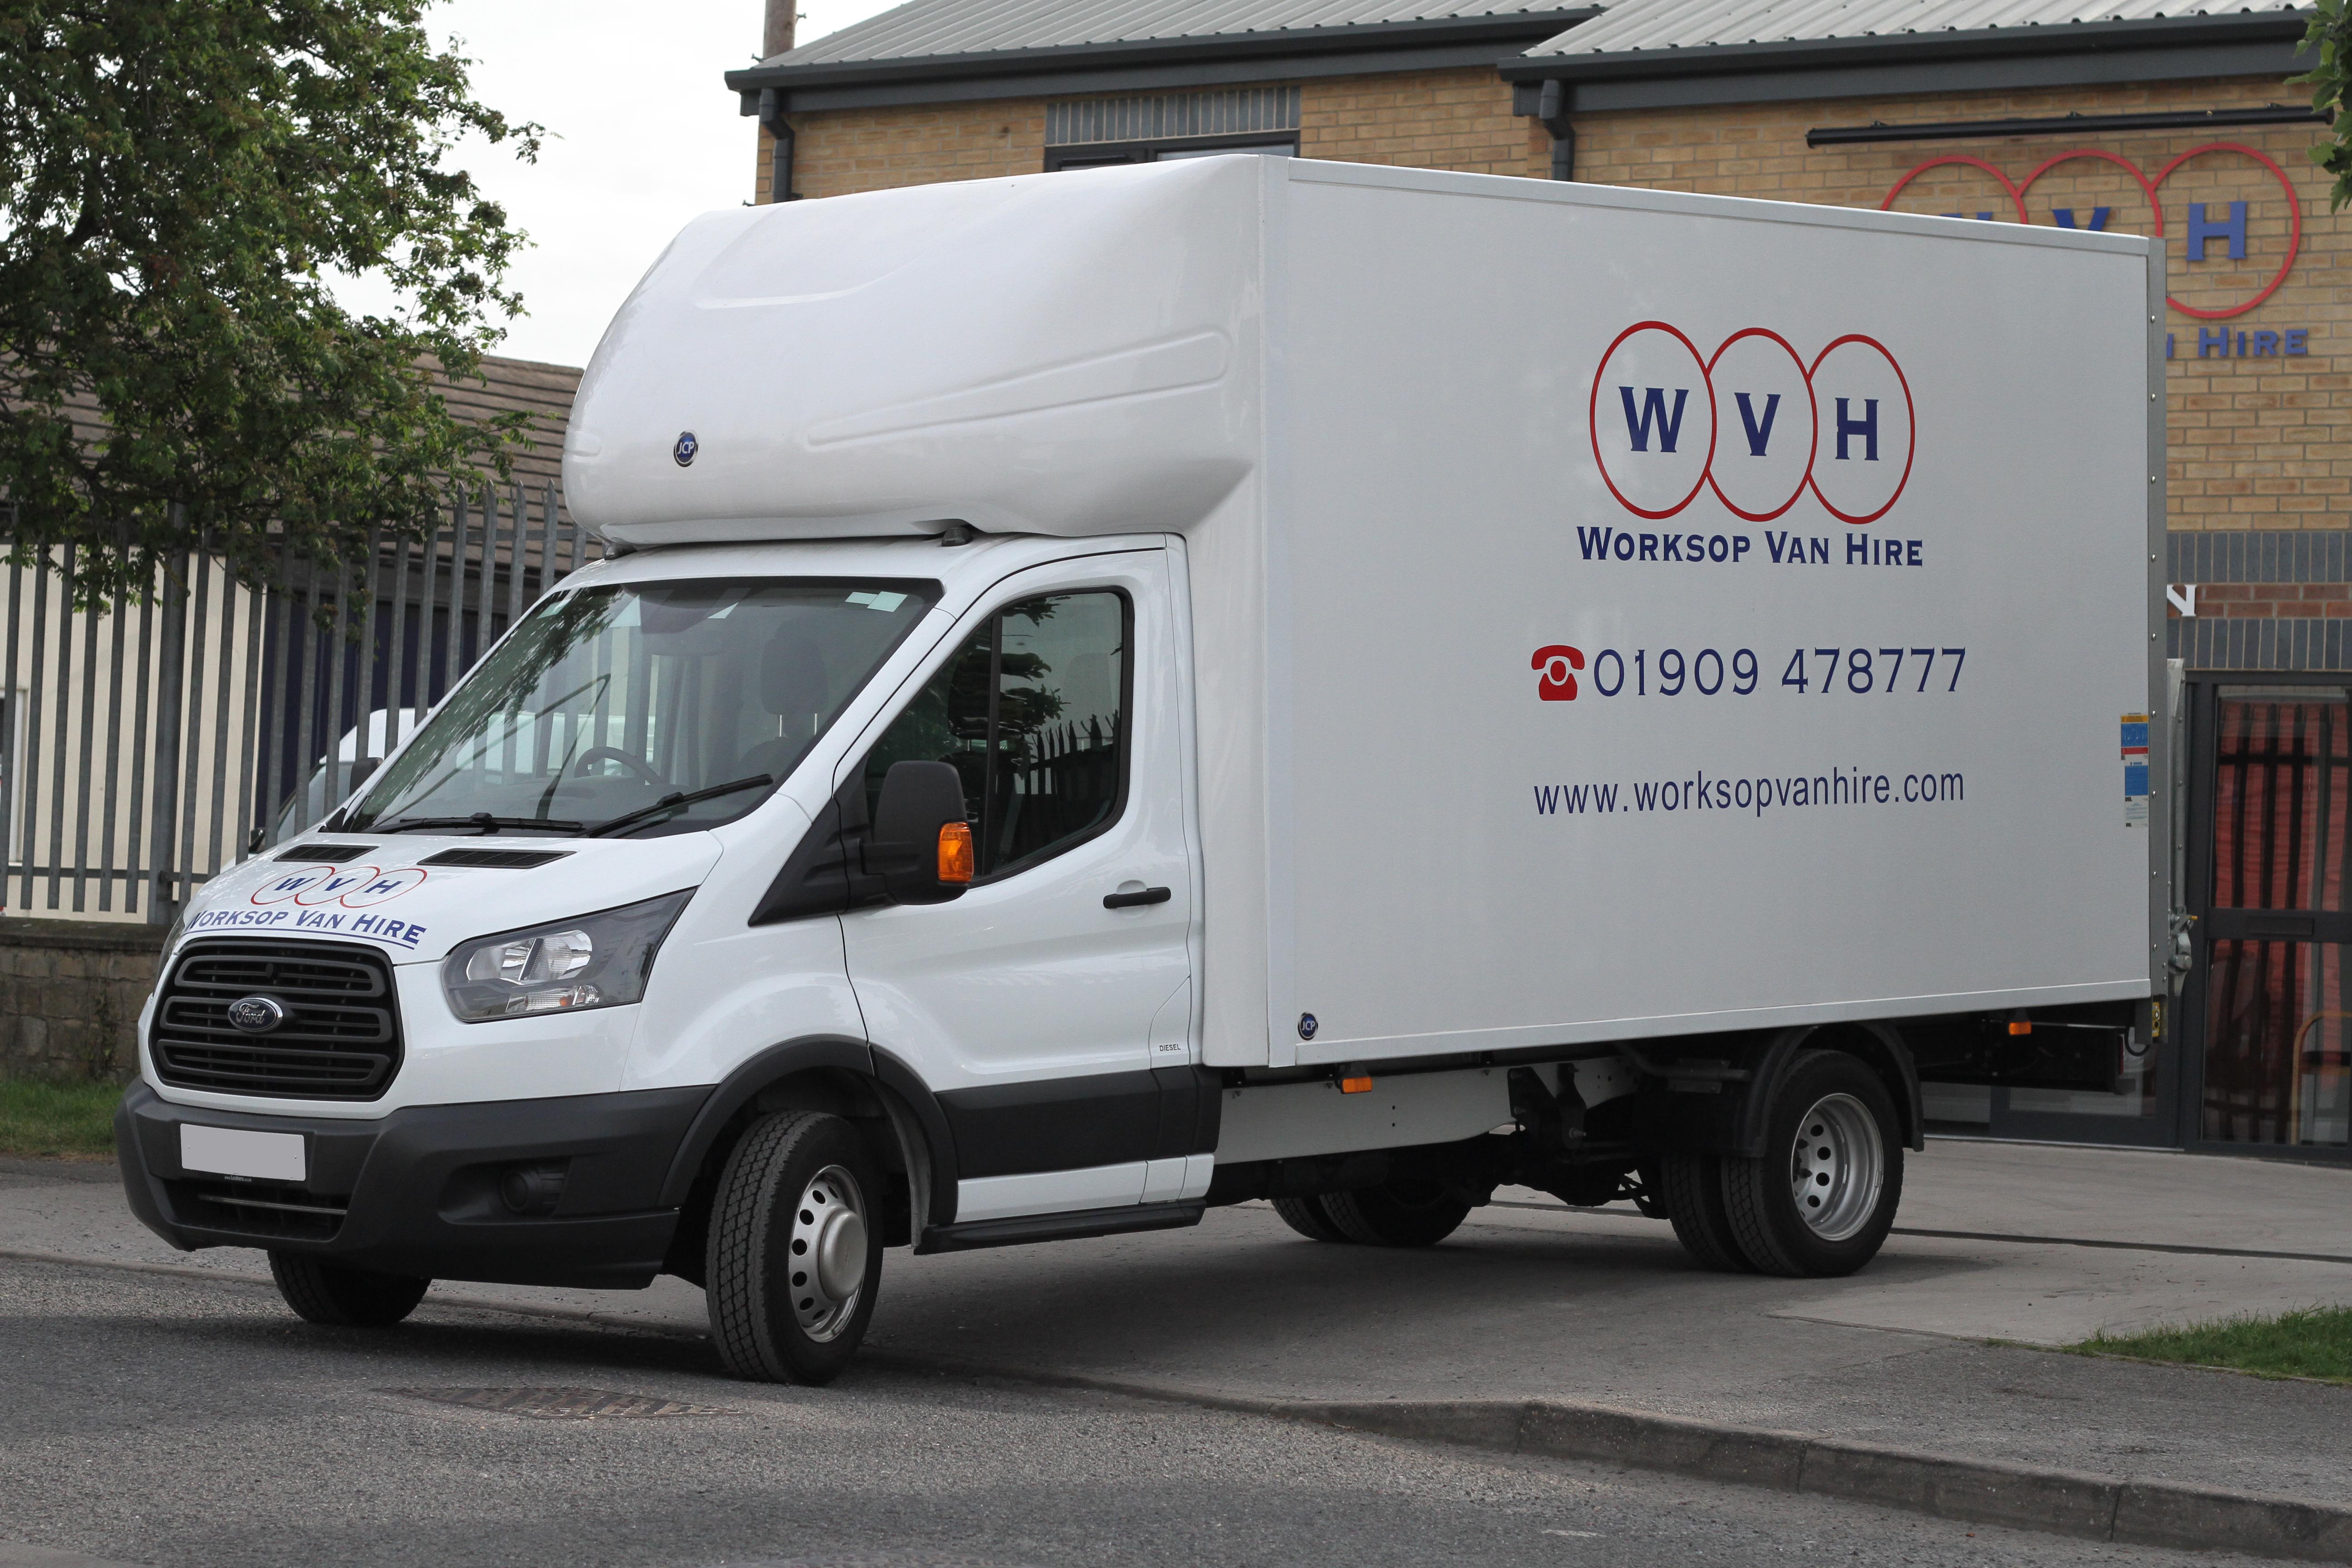 331db9a3cd Worksop Van Hire Luton Boxed Van